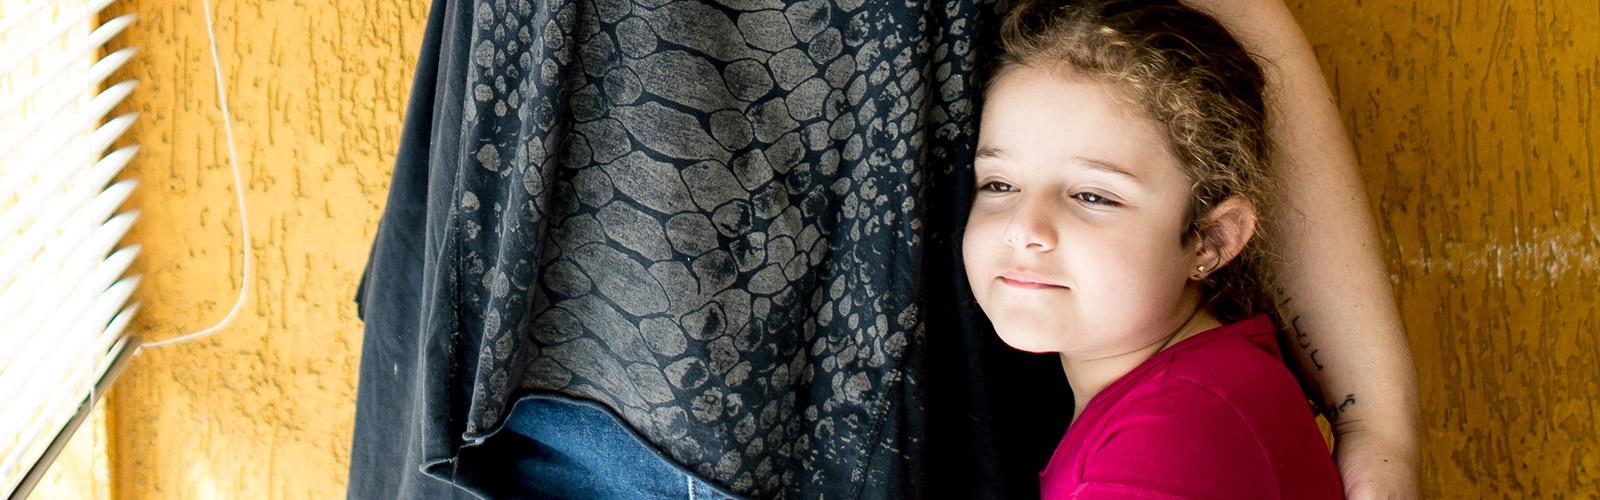 I ett rum sitter en liten 4-årig flicka och ler, varmt och säkert skyddad under sin mammas arm.